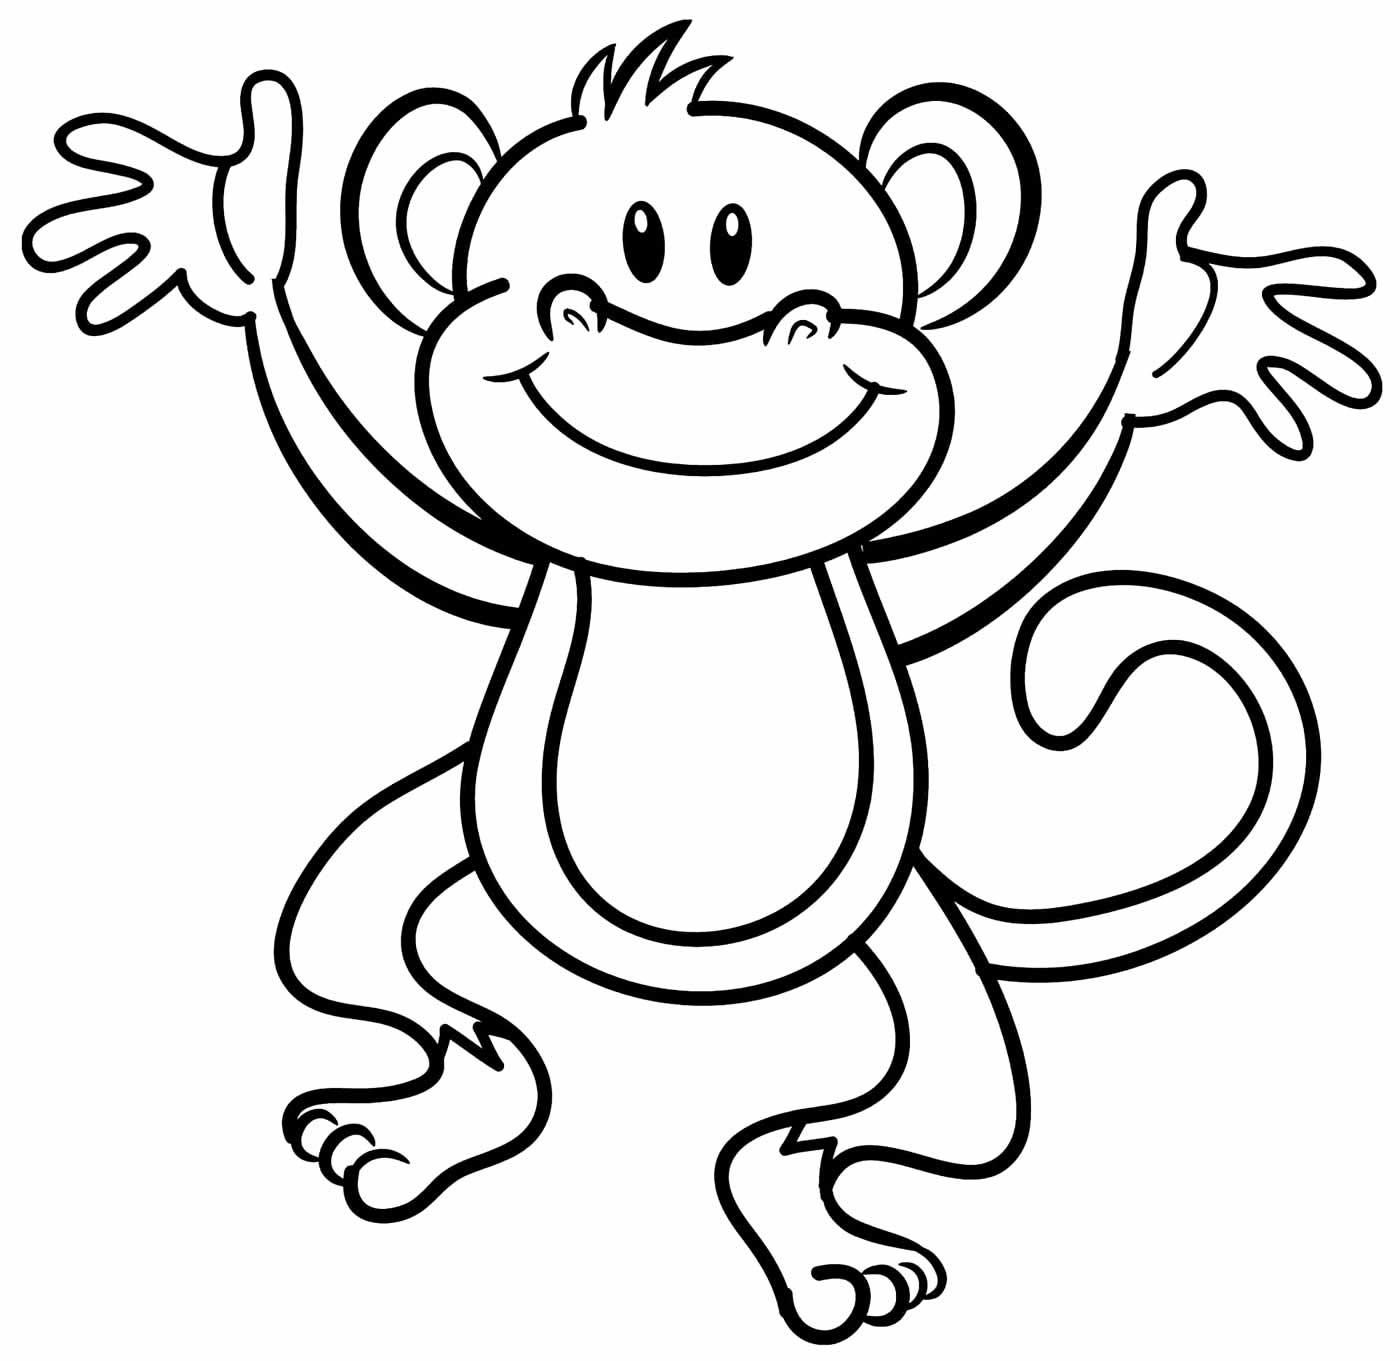 Desenho de macaco para imprimir e colorir